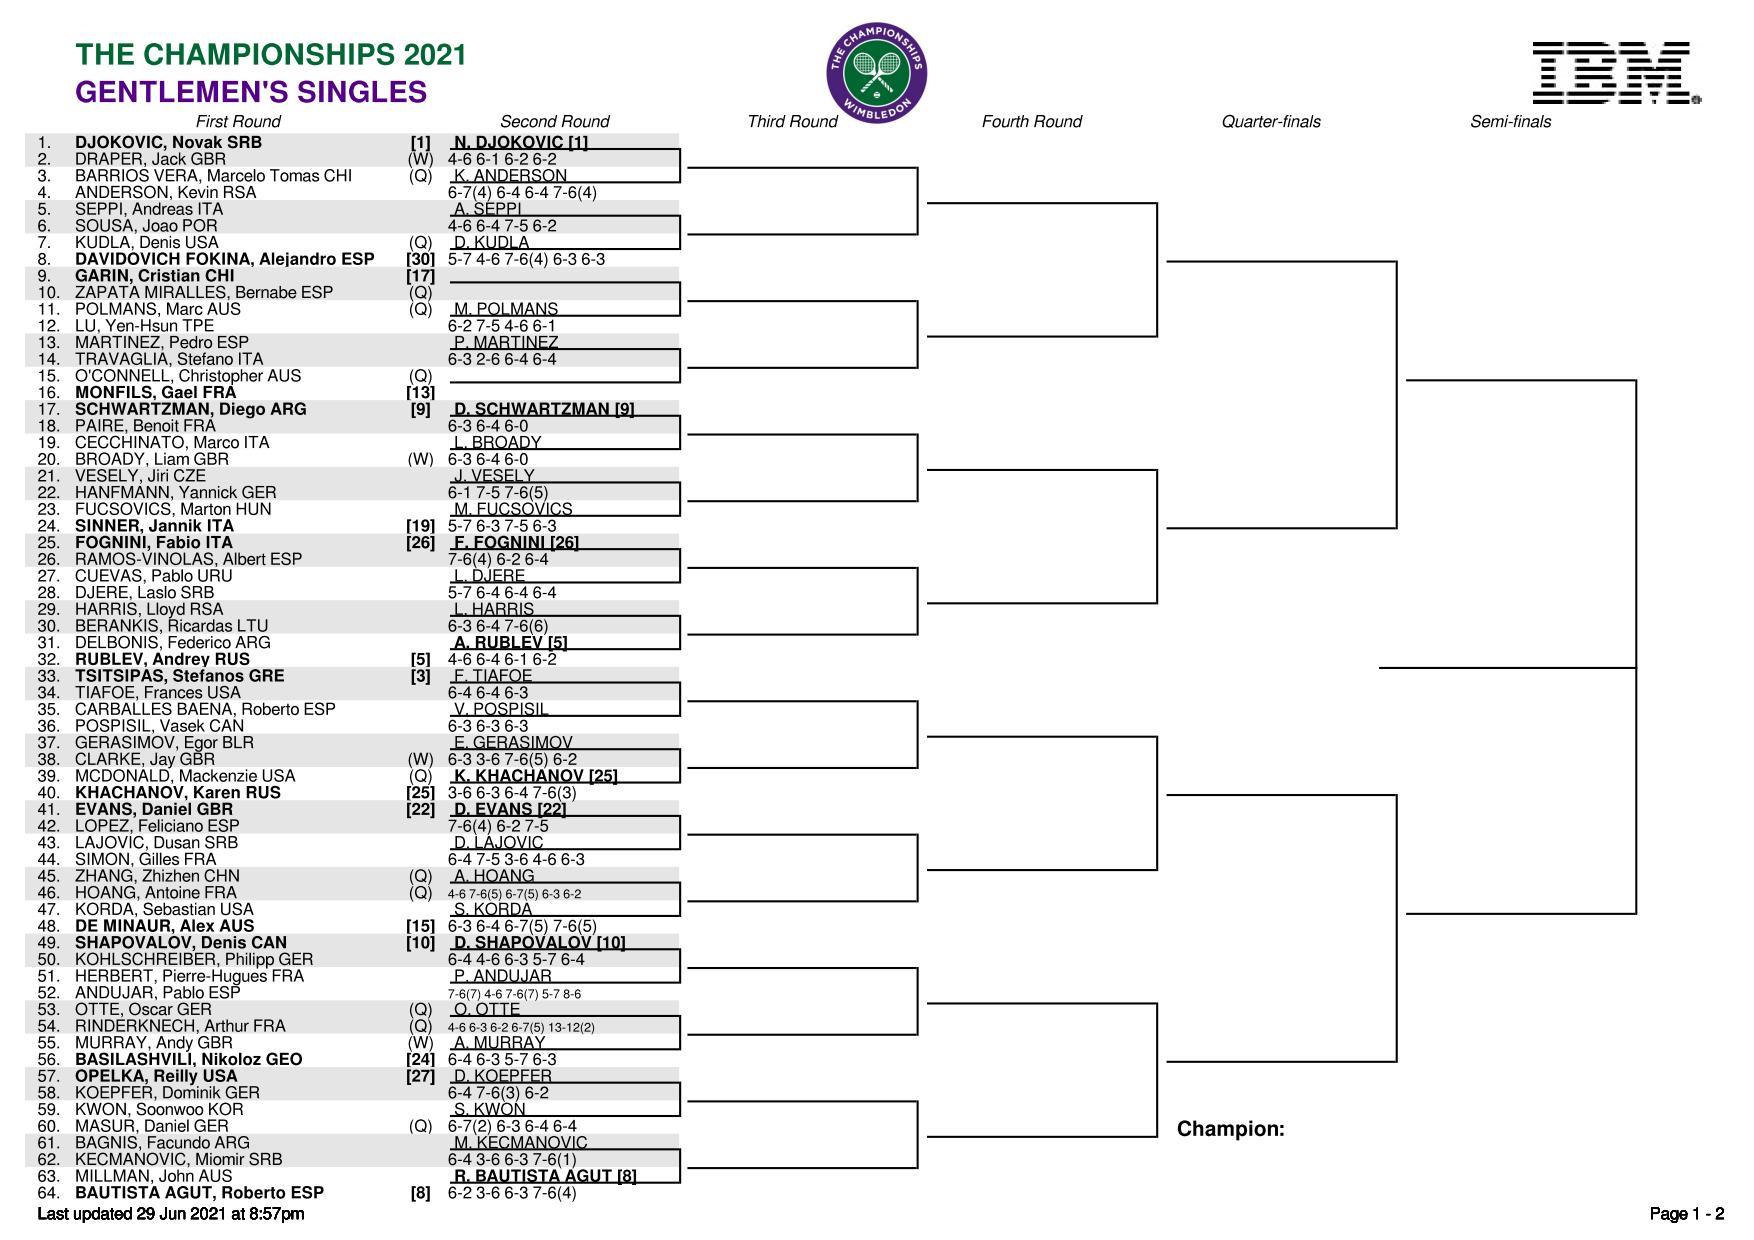 ウィンブルドン選手権(全英オープンテニス)2021トップハーフ